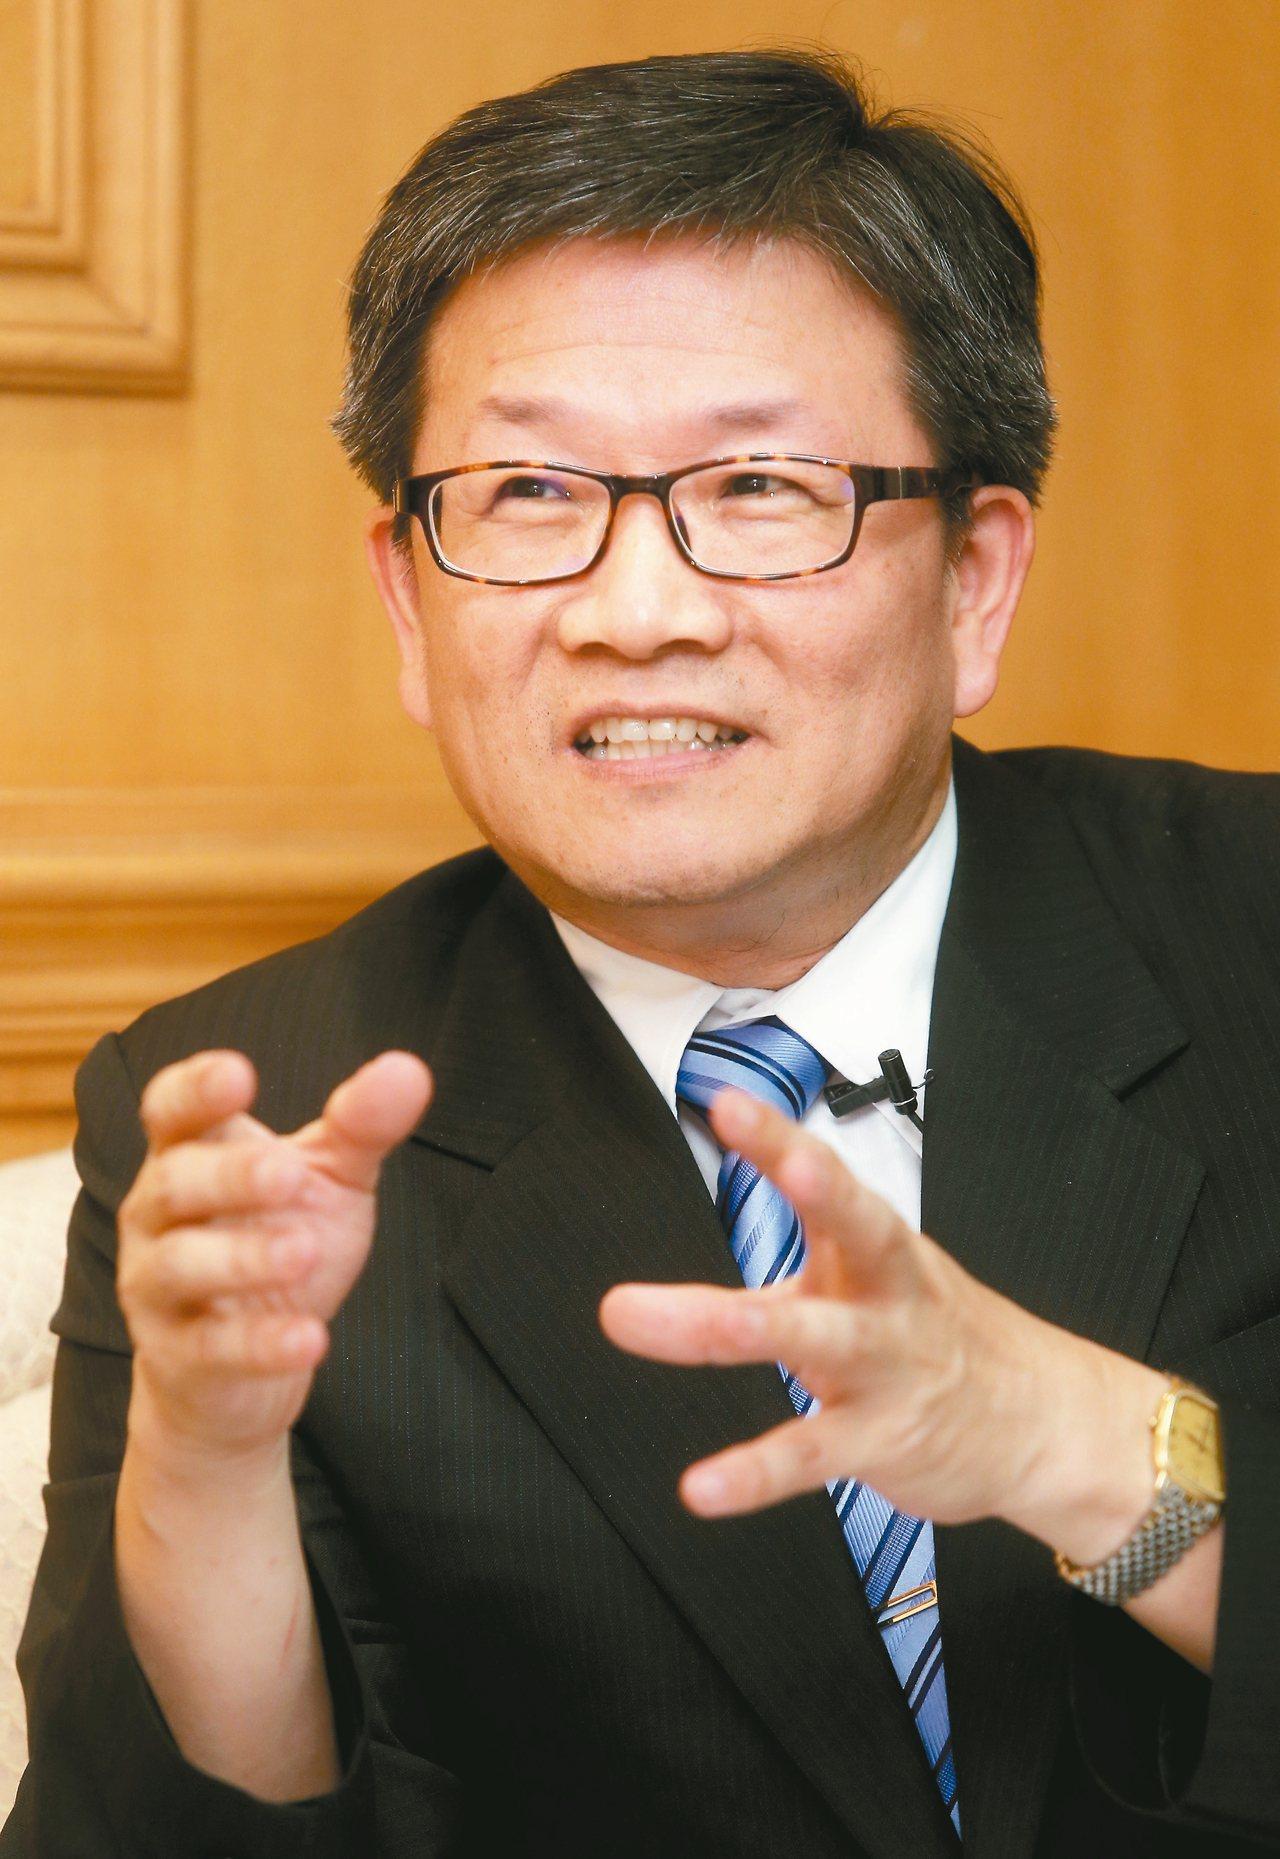 華南金控暨銀行董事長 吳當傑